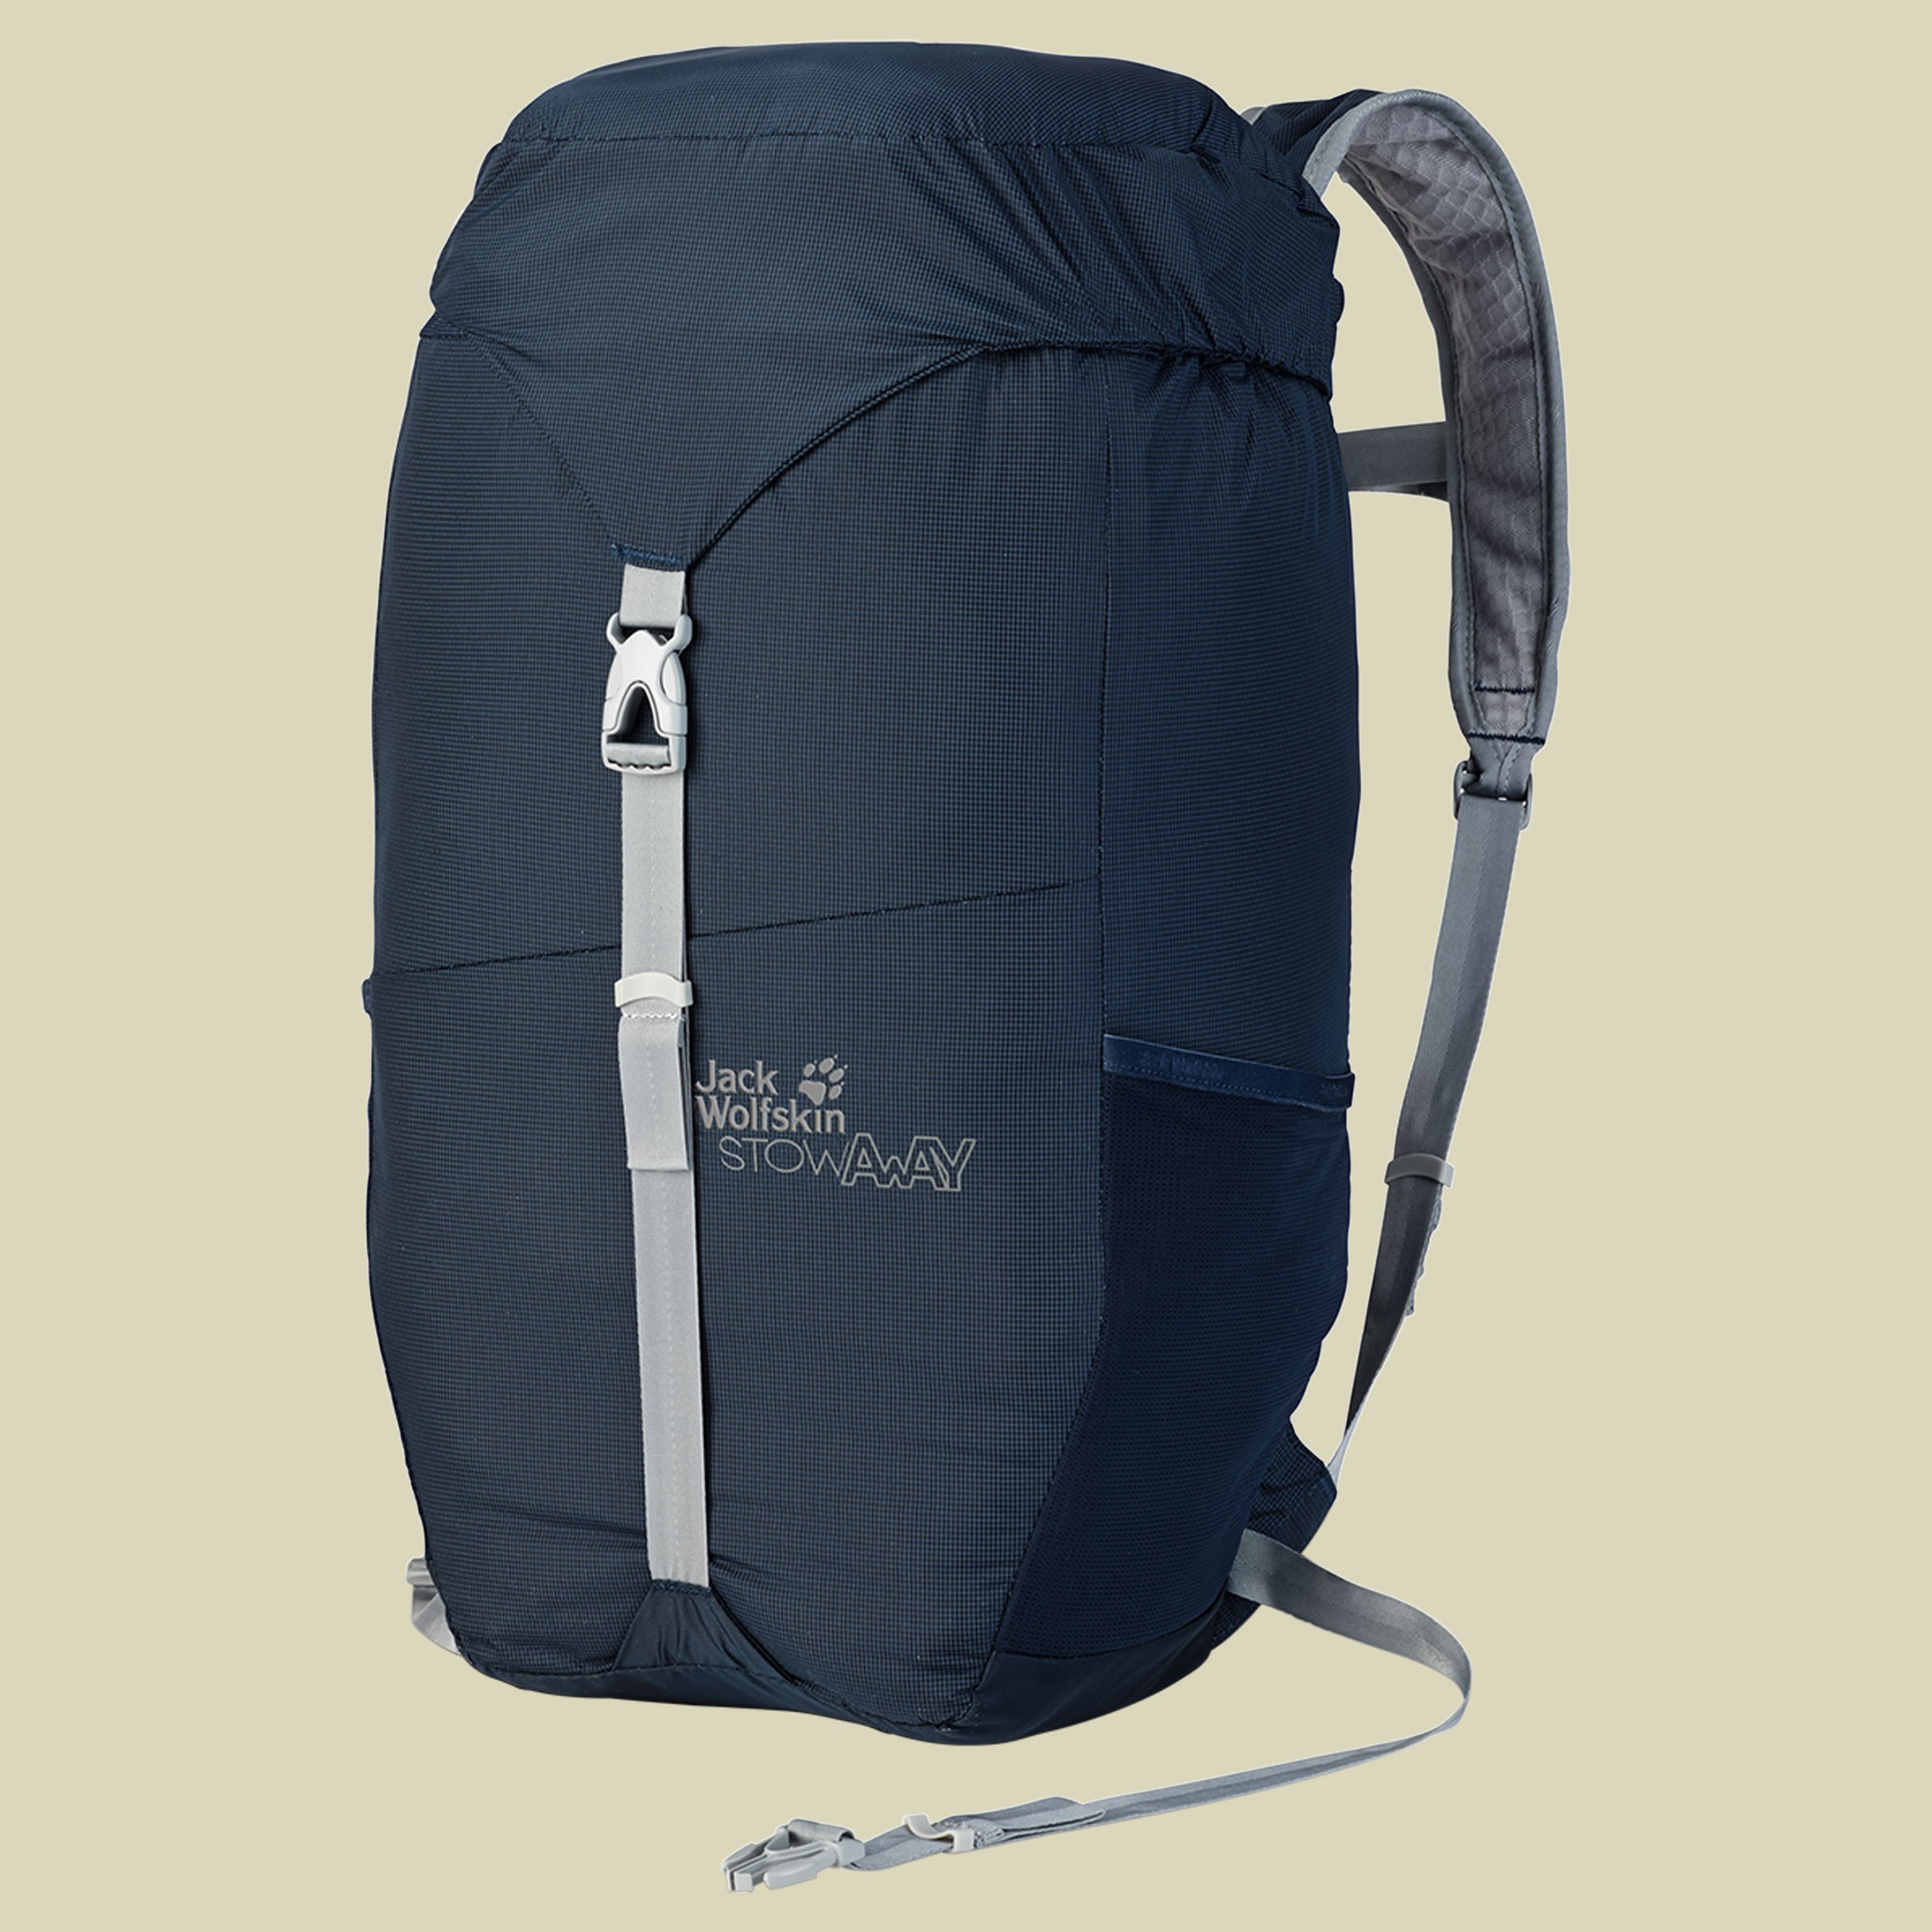 Uberprüfen Jack Wolfskin Daypacks & Bags Stowaway 18 Pack